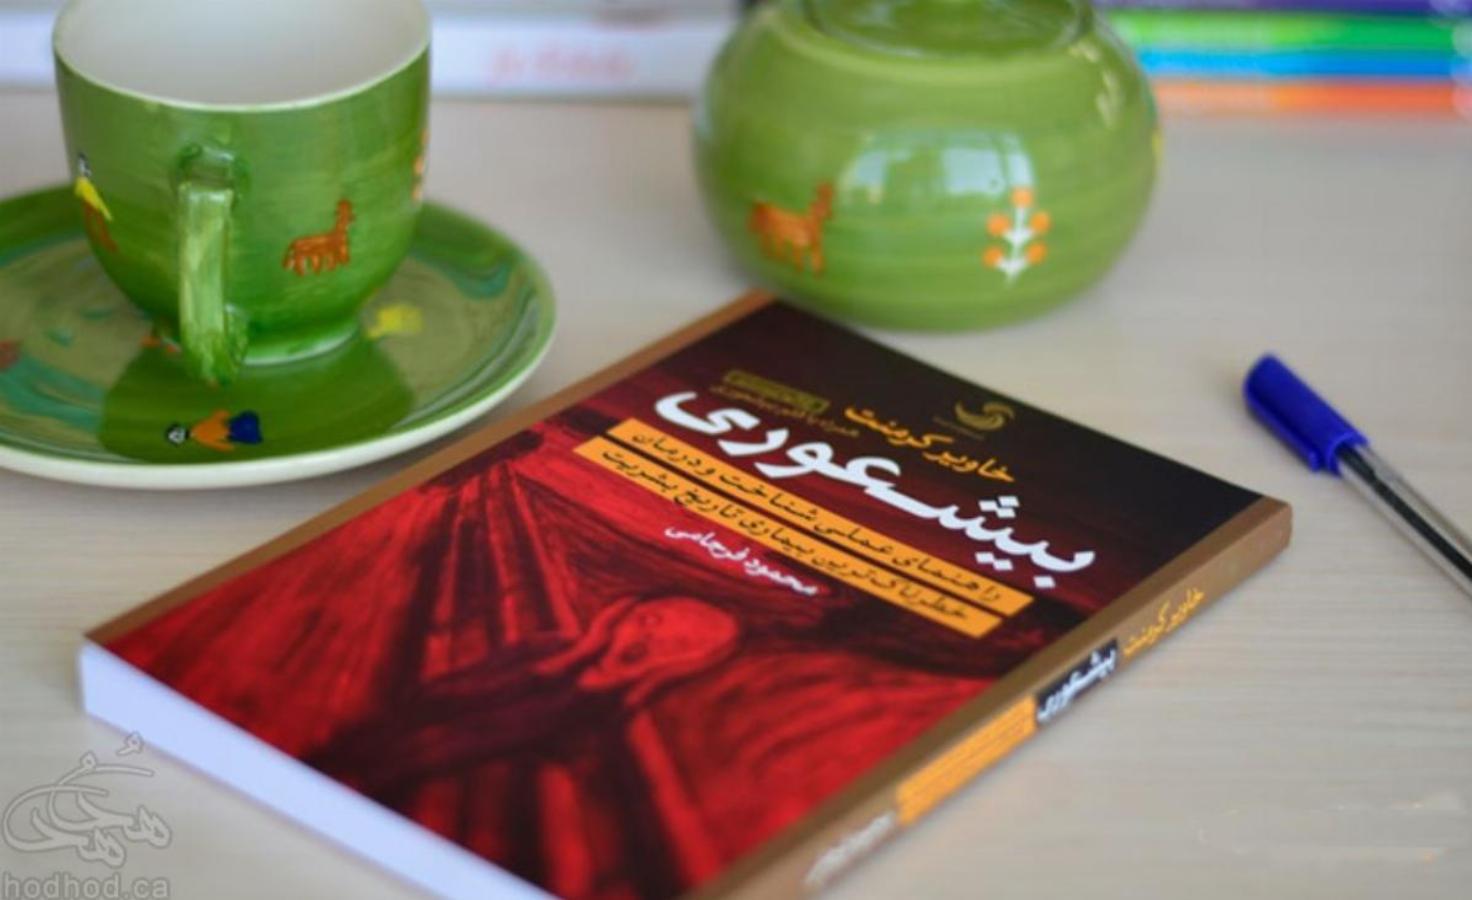 کتاب بیشعوری : کتابی که خواندن آن به هر انسان با شعور و بیشعوری توصیه میشود!